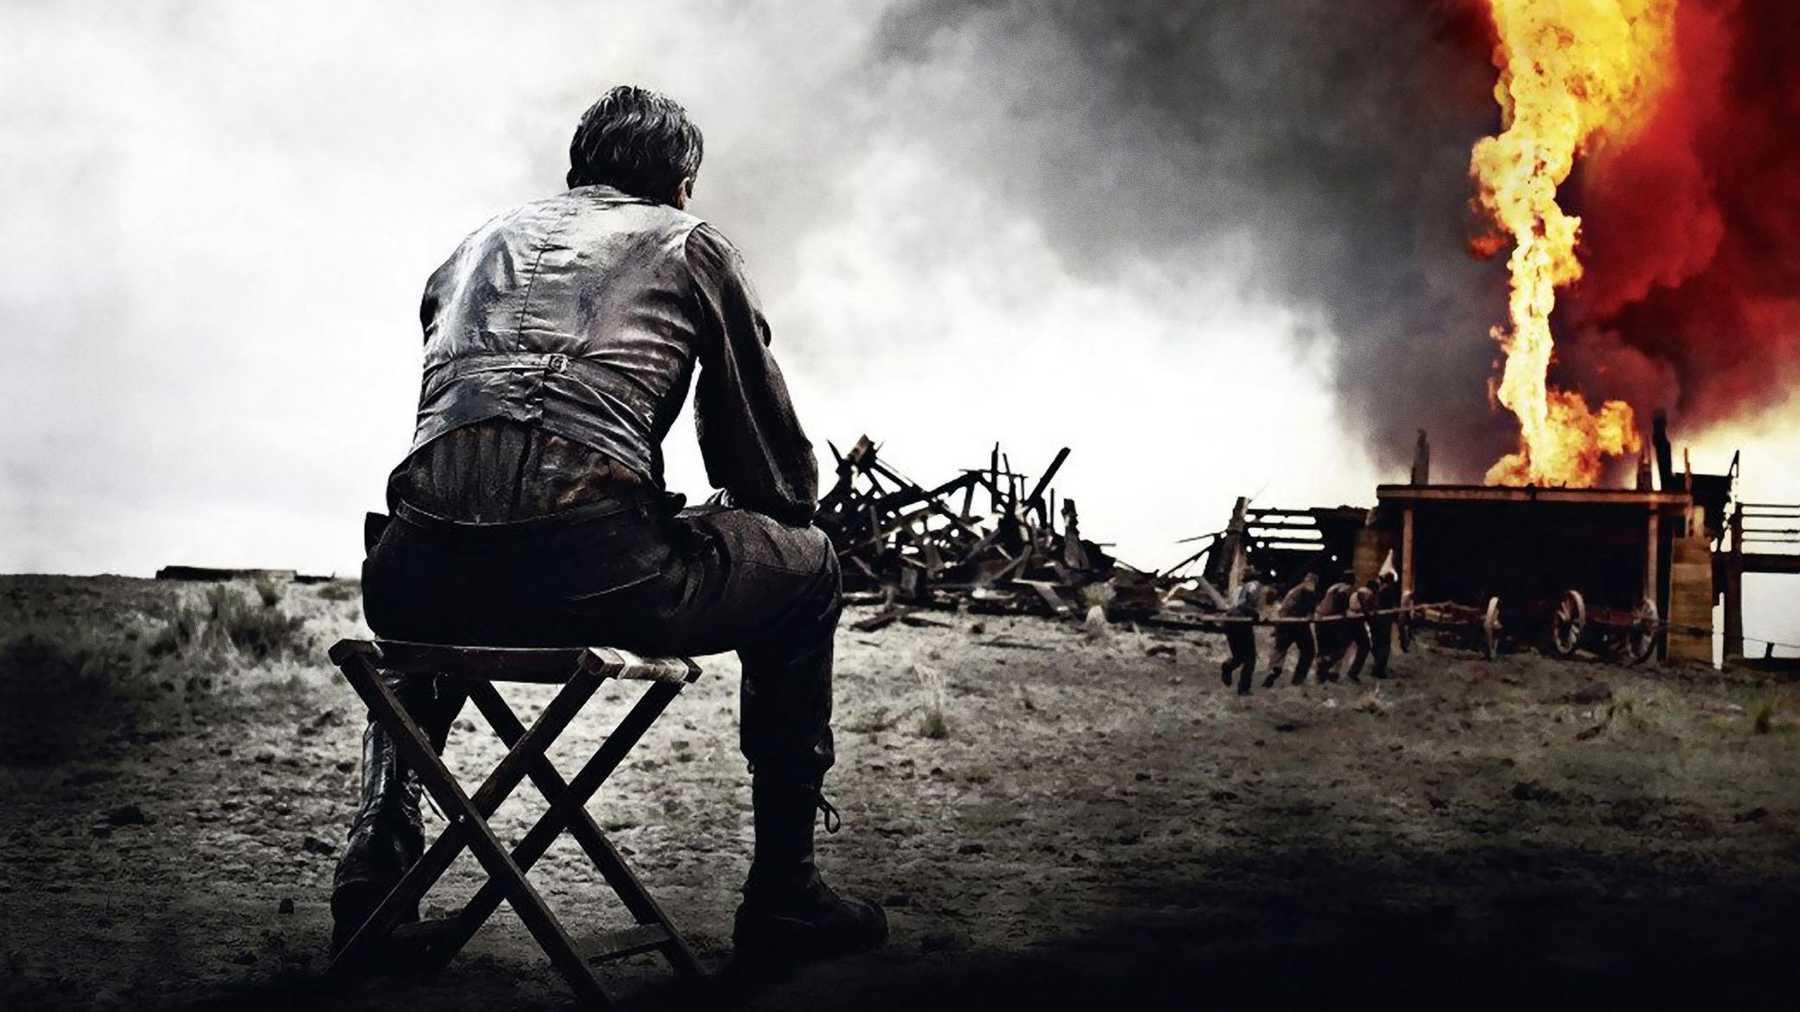 xzqwxyQlhbdnnSpFbBpuDhdVZ92 - نقد فیلم There Will Be Blood (خون به پا خواهد شد) محصول 2007